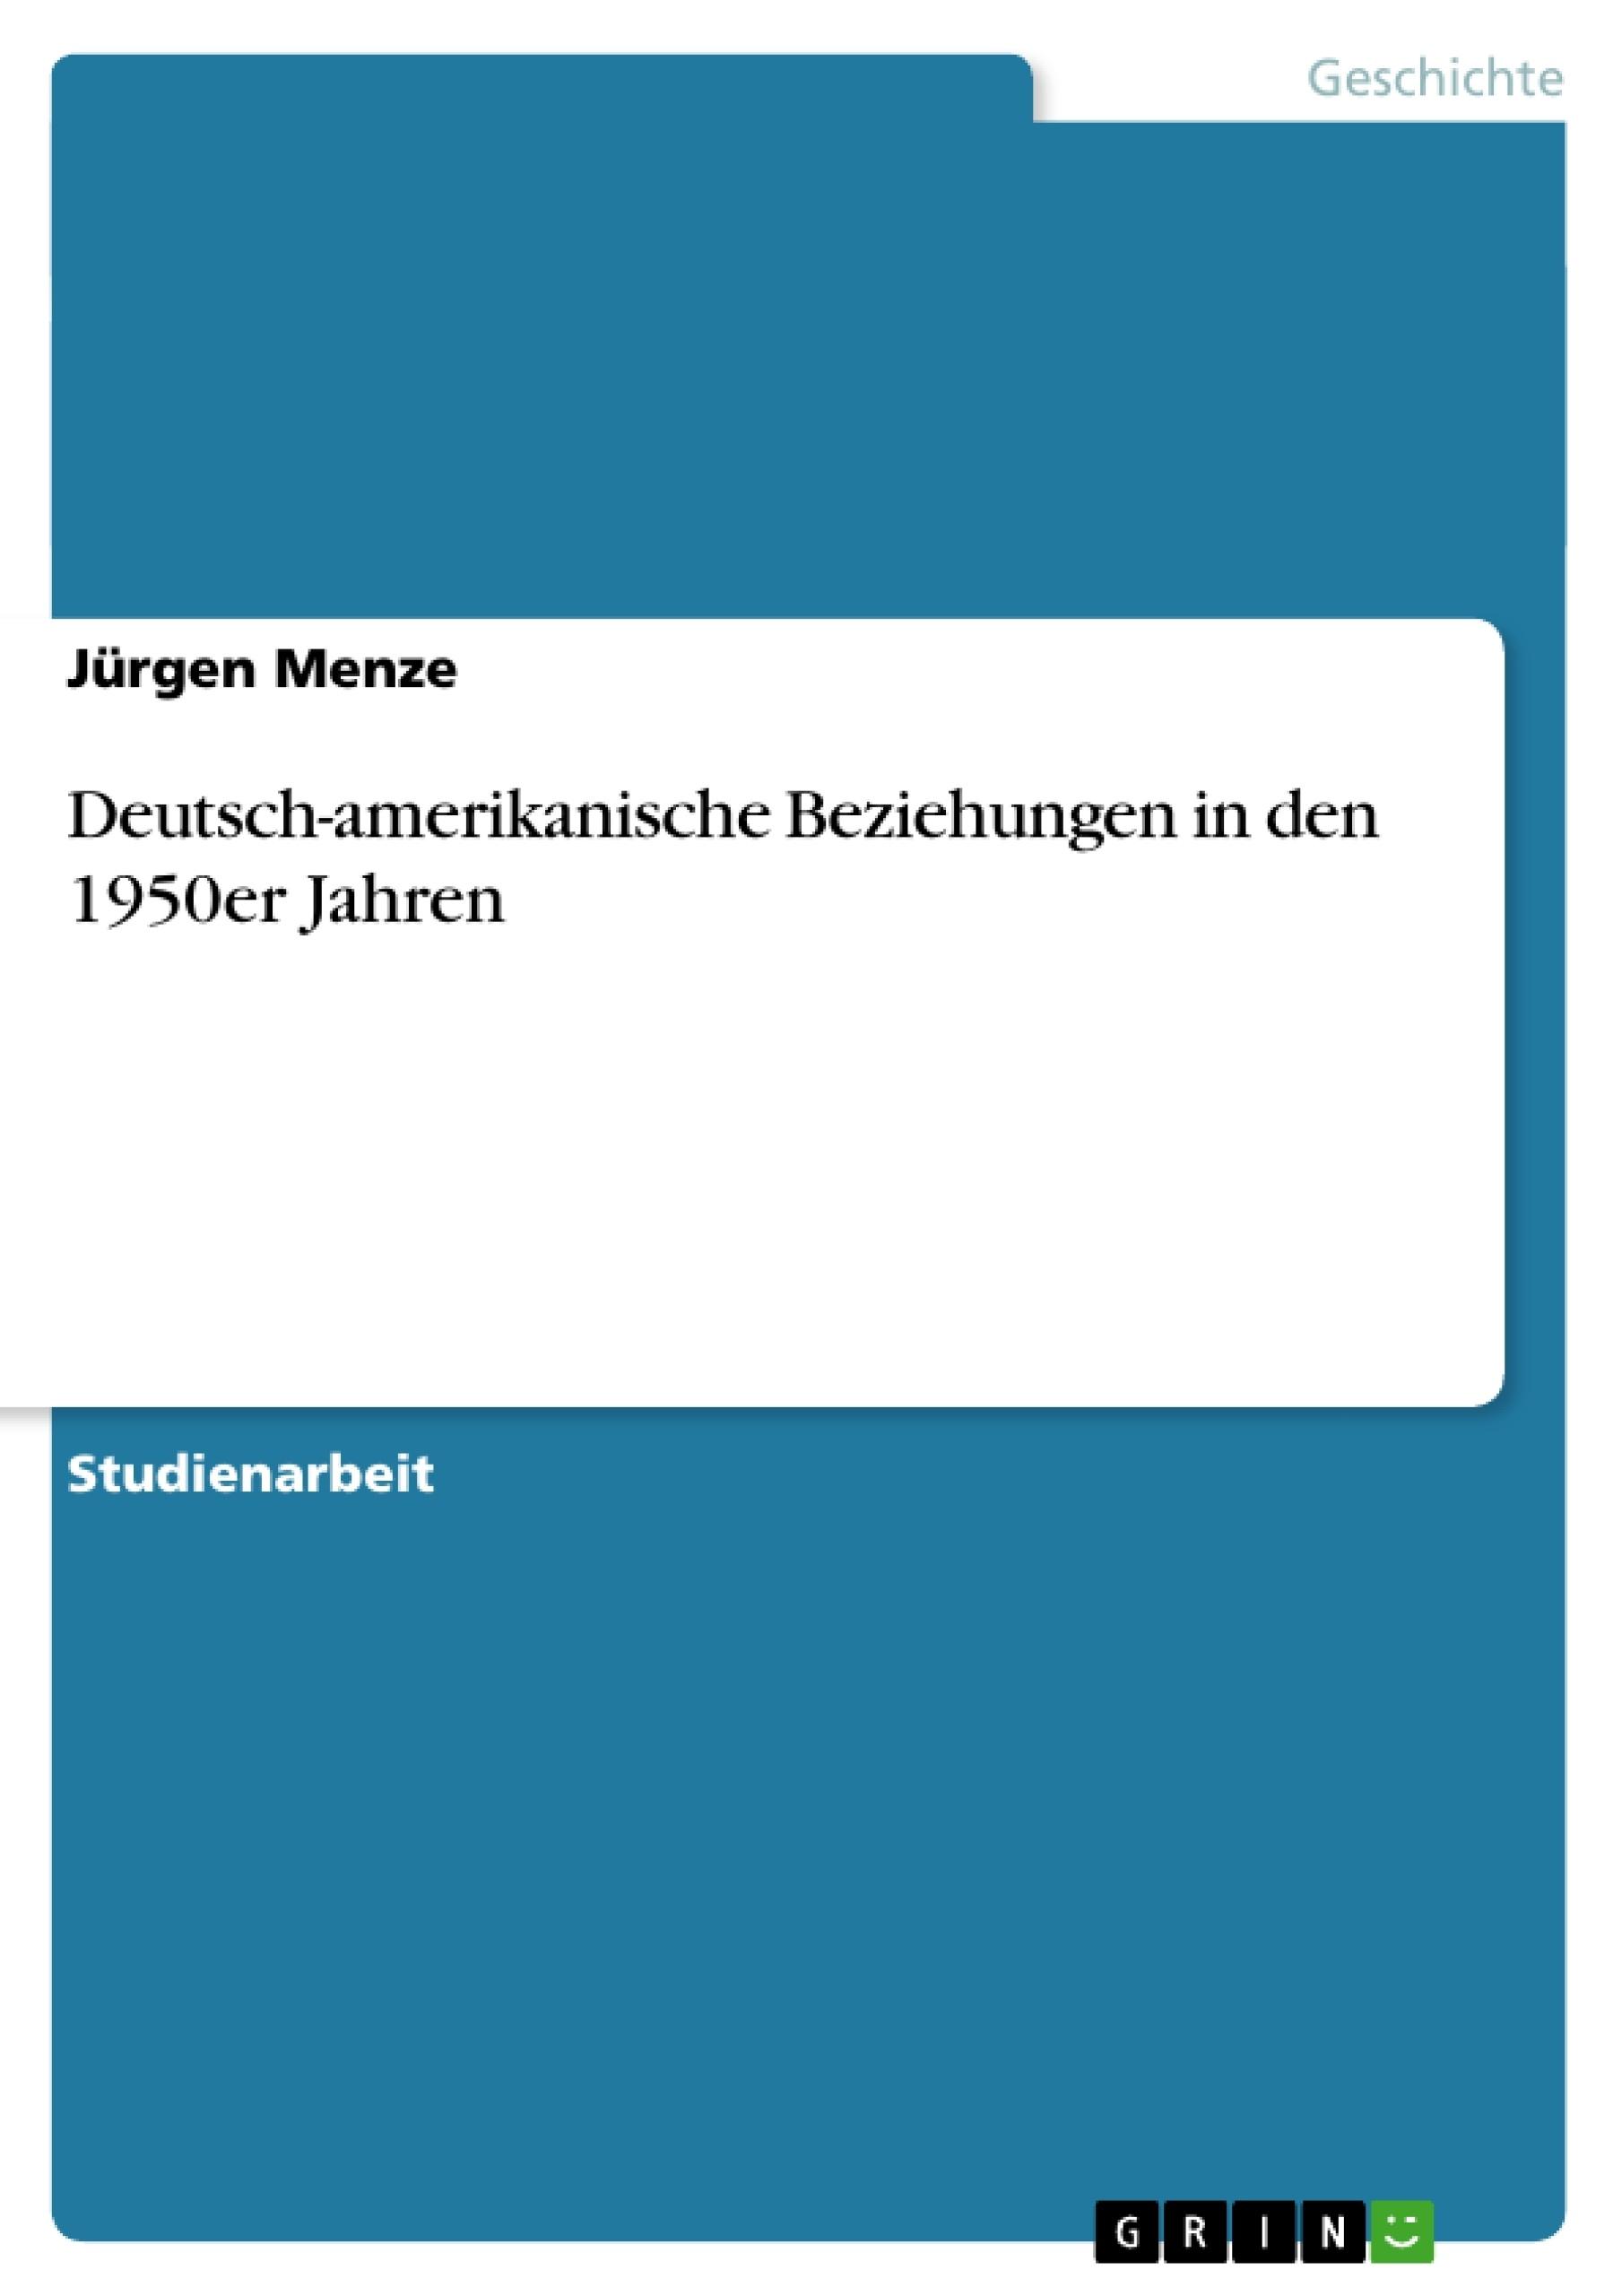 Titel: Deutsch-amerikanische Beziehungen in den 1950er Jahren